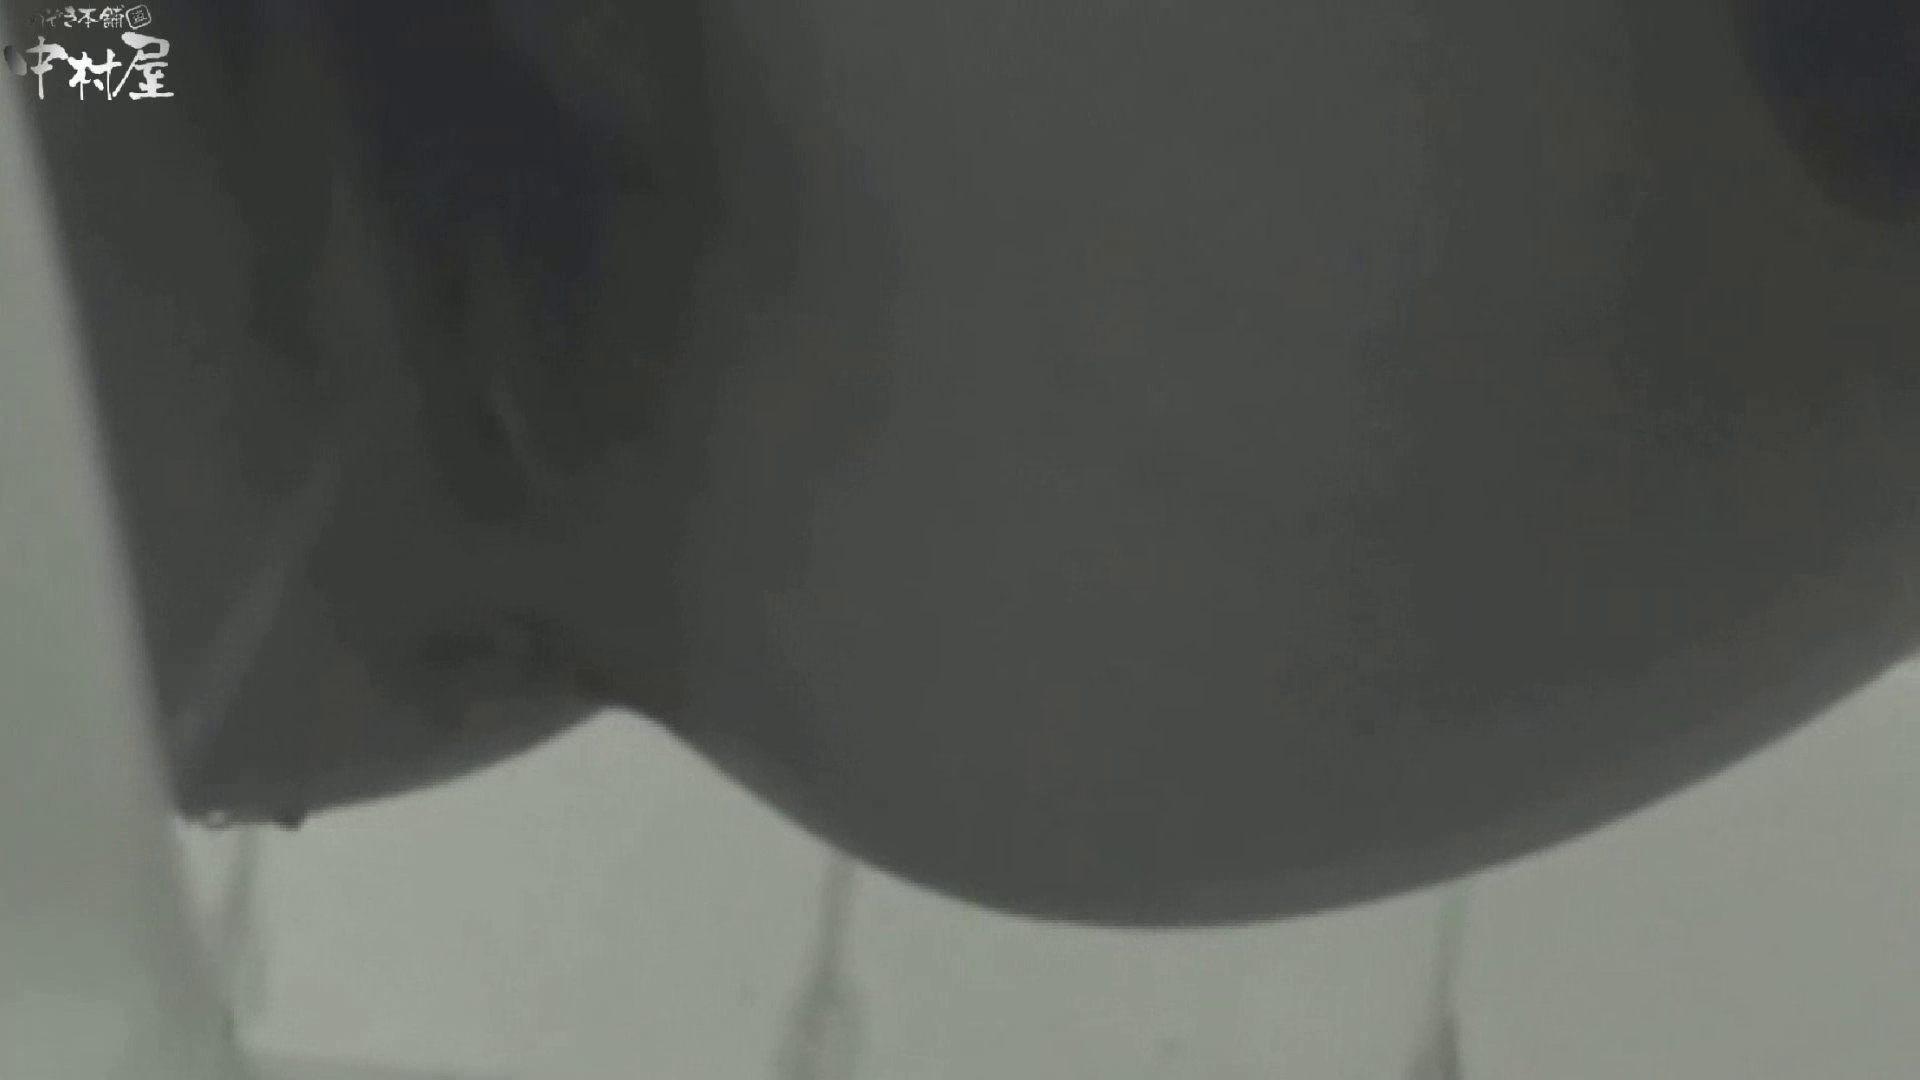 解禁!海の家4カメ洗面所vol.08 人気シリーズ | 洗面所  71pic 35